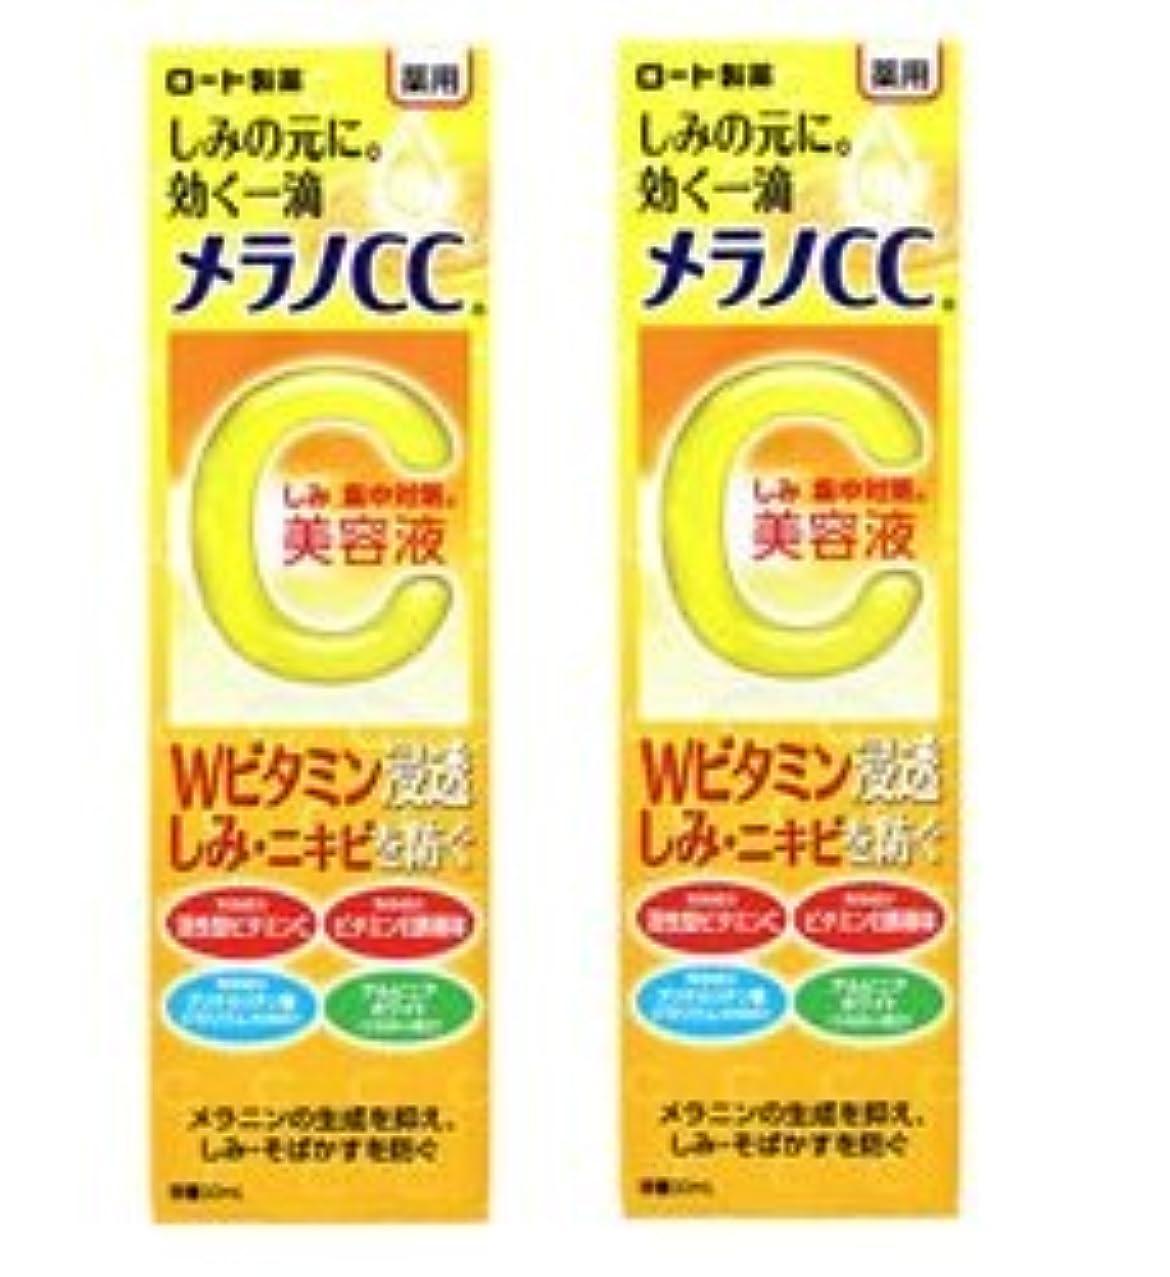 ガソリン貫通する操作【2個セット】メラノCC 薬用しみ集中対策美容液 20ml